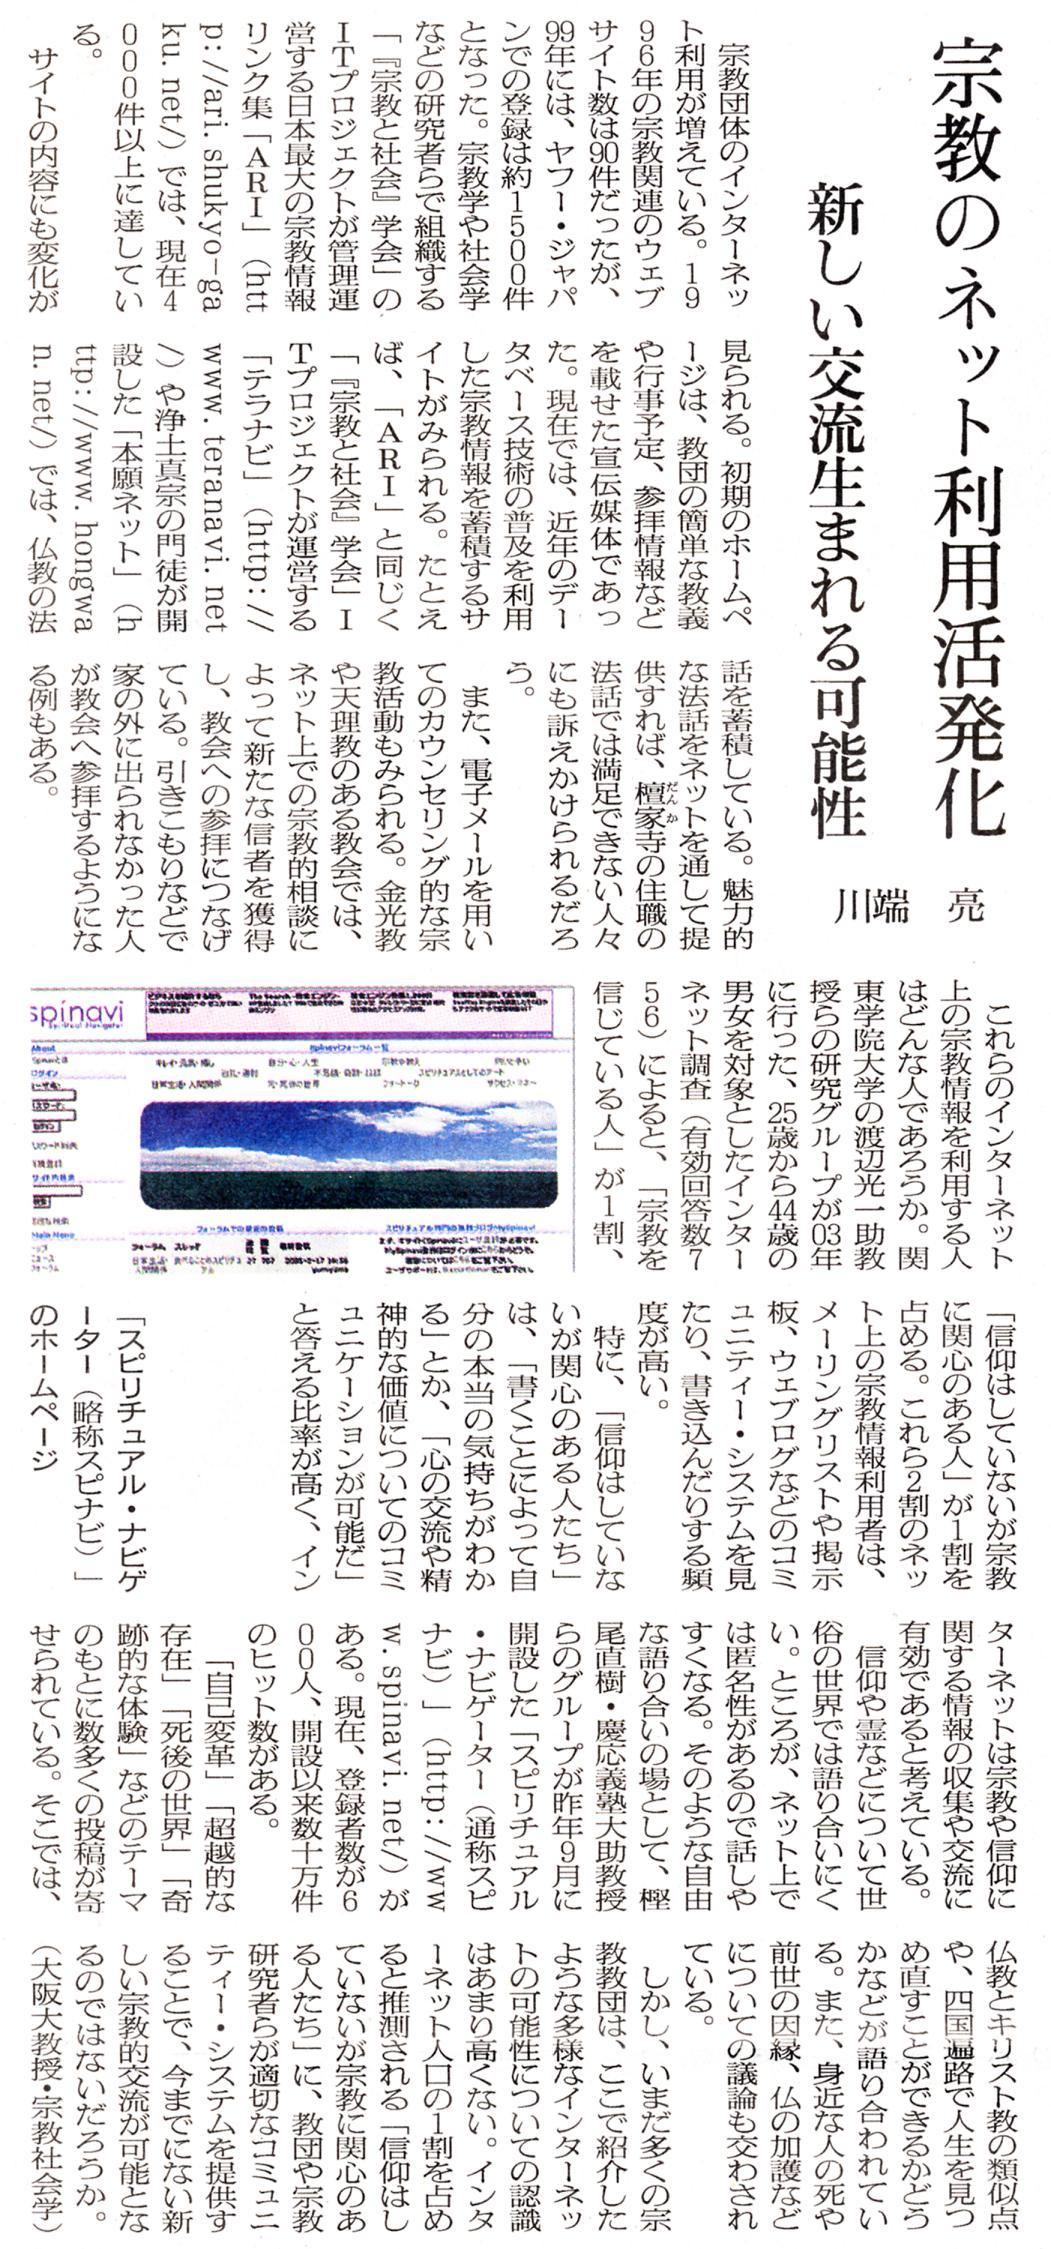 20050305-spinavikijiasahi.JPG